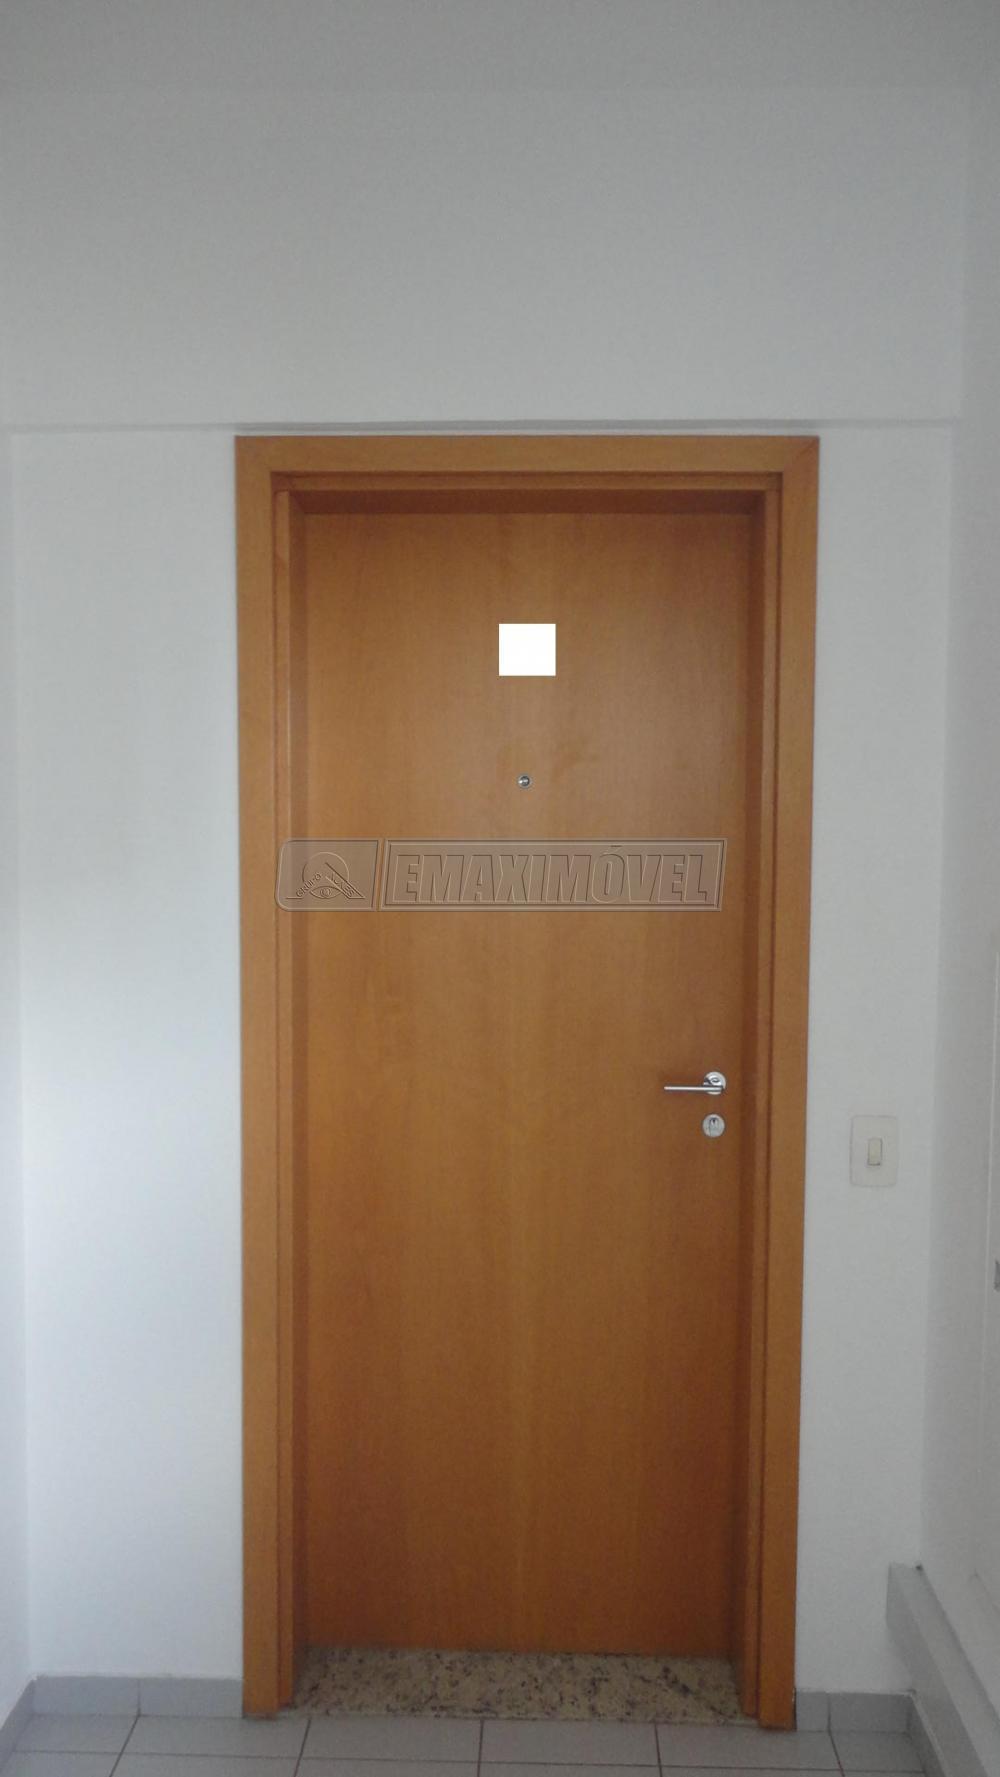 Alugar Apartamento / Padrão em Sorocaba R$ 2.800,00 - Foto 2